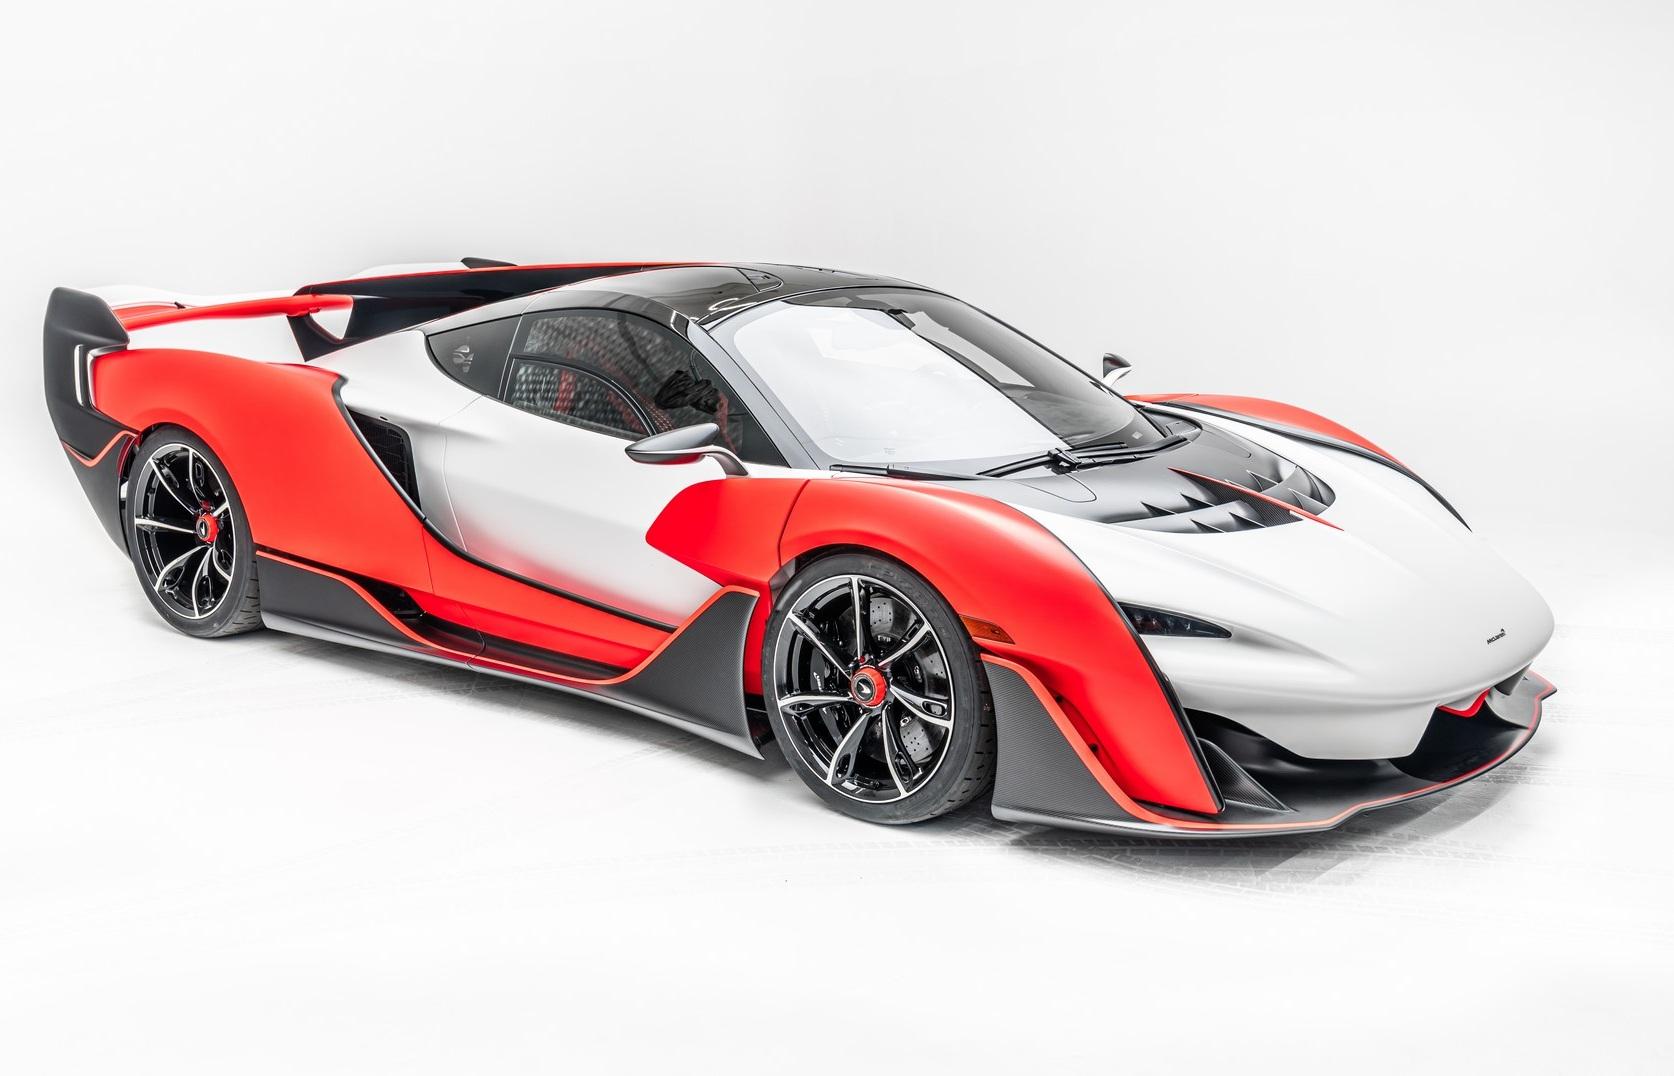 Представлен самый редкий и самый крутой суперкар McLaren